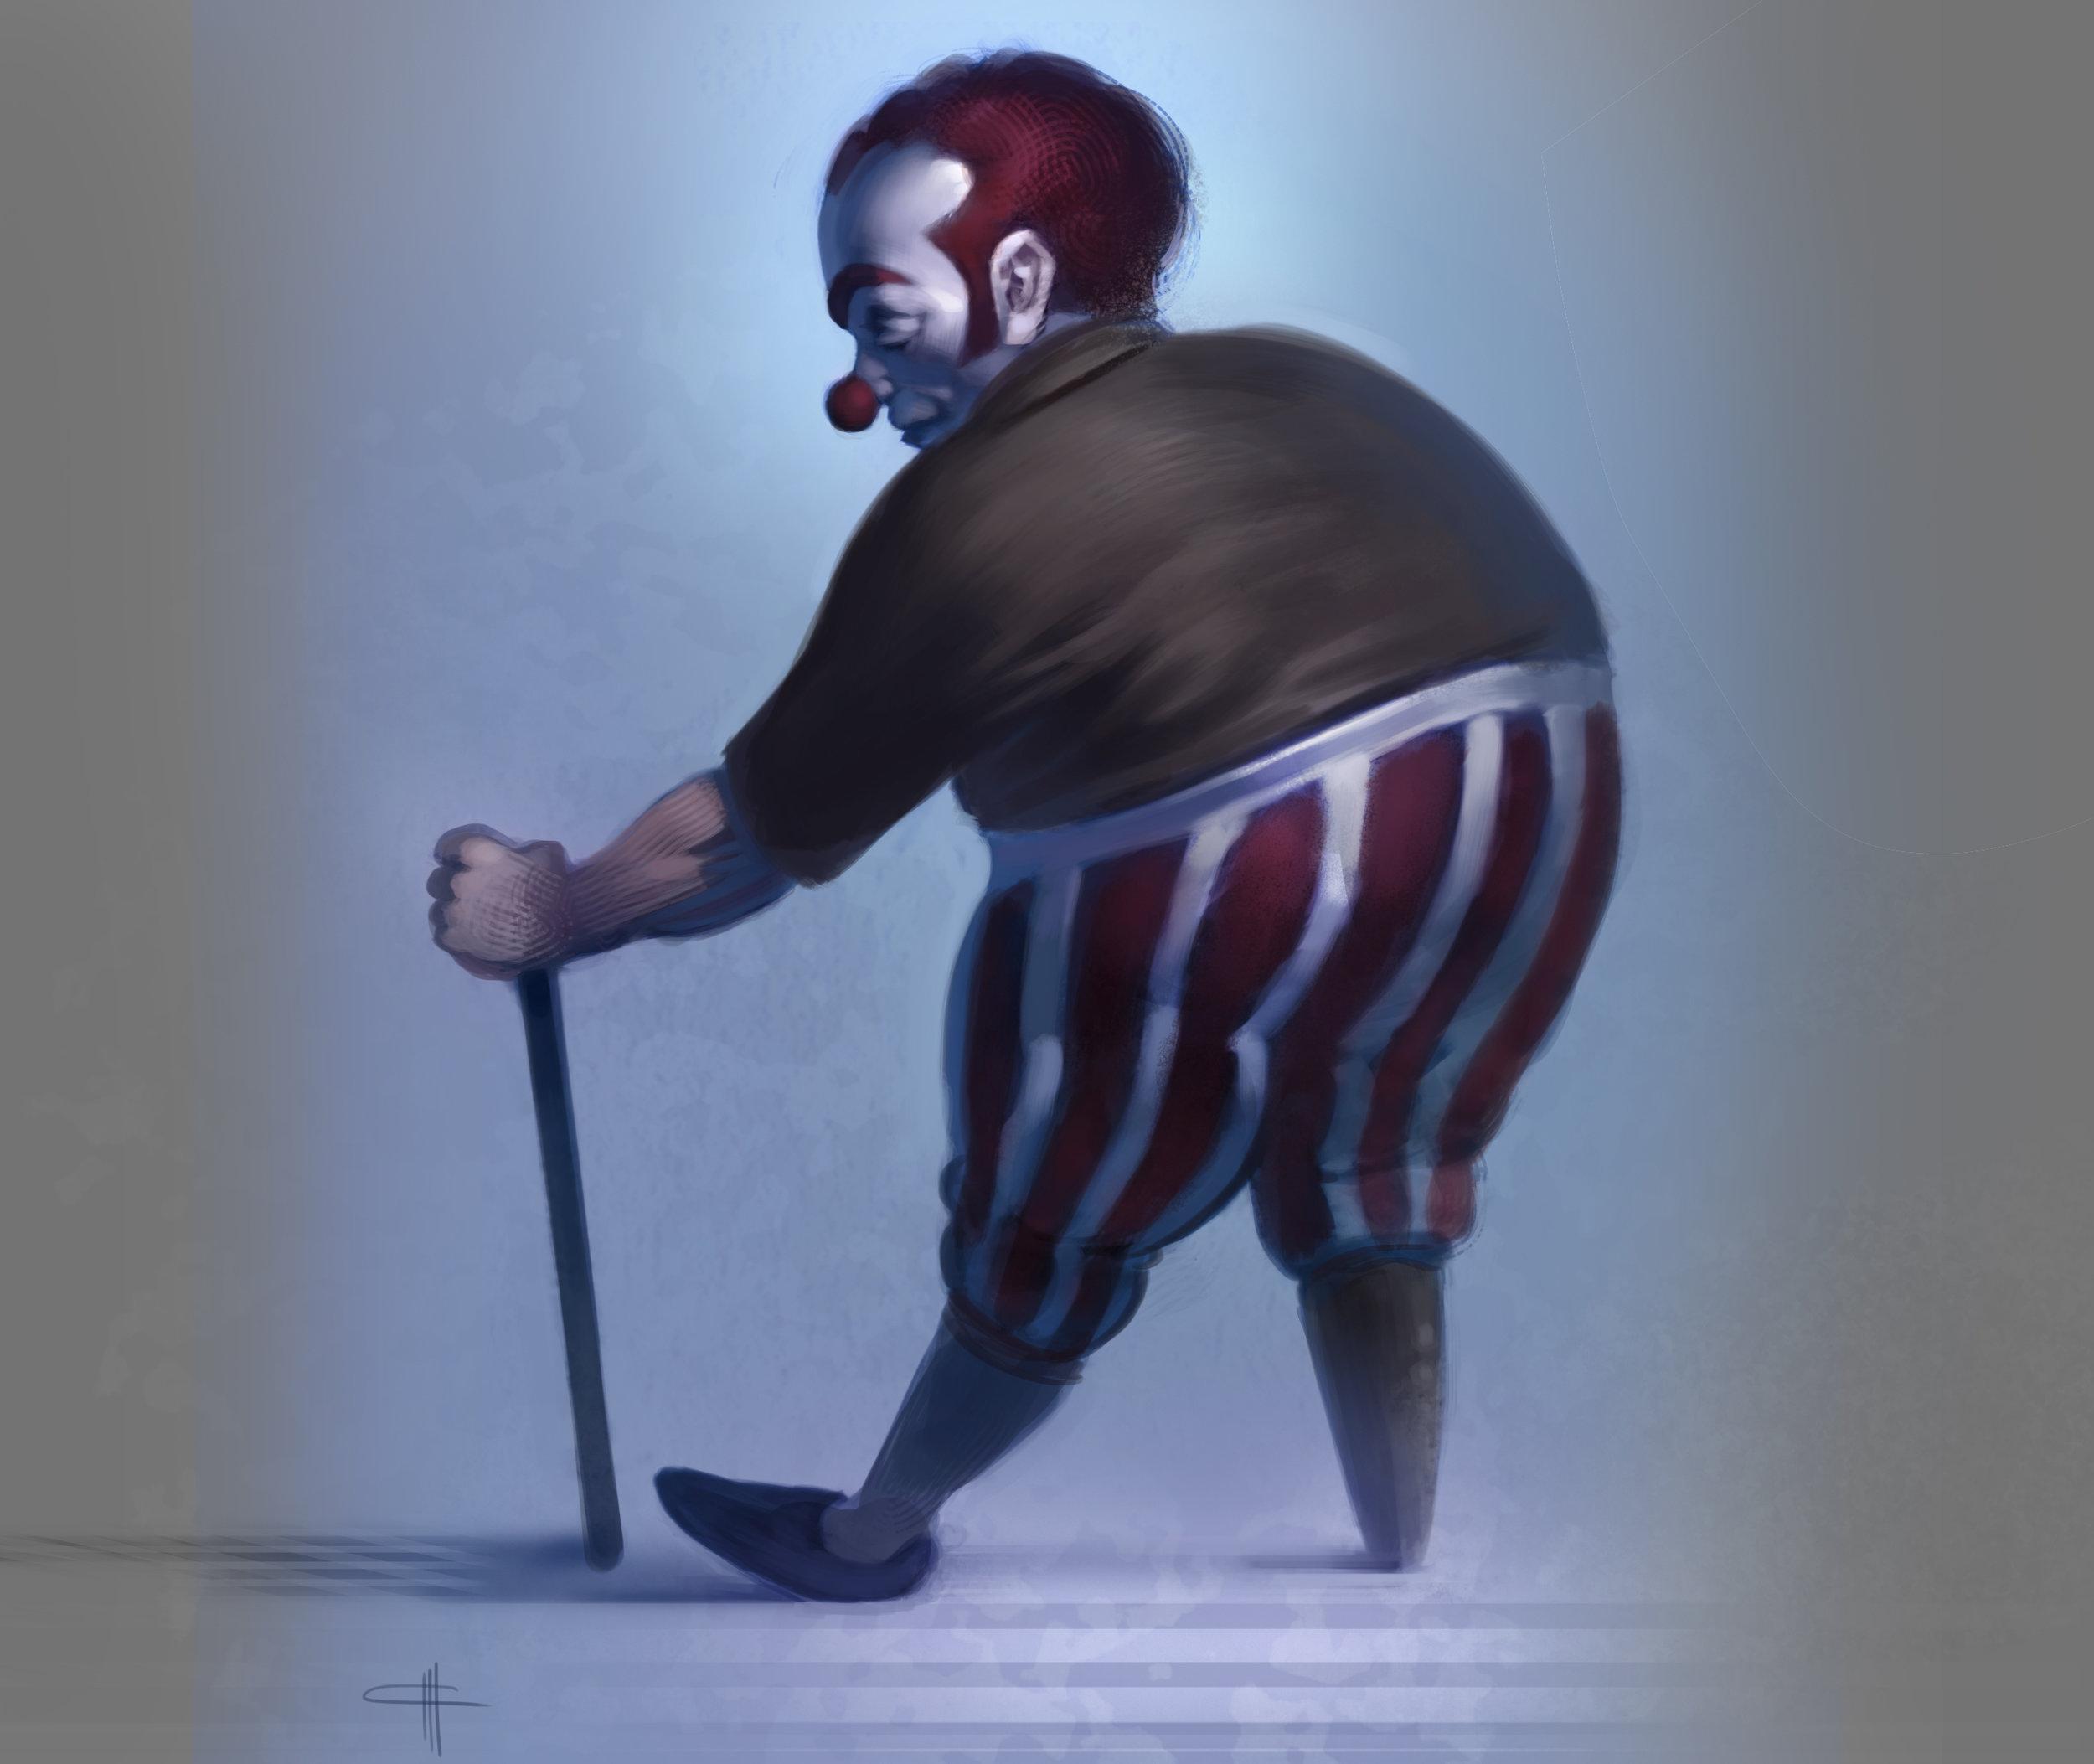 clown copy.JPG